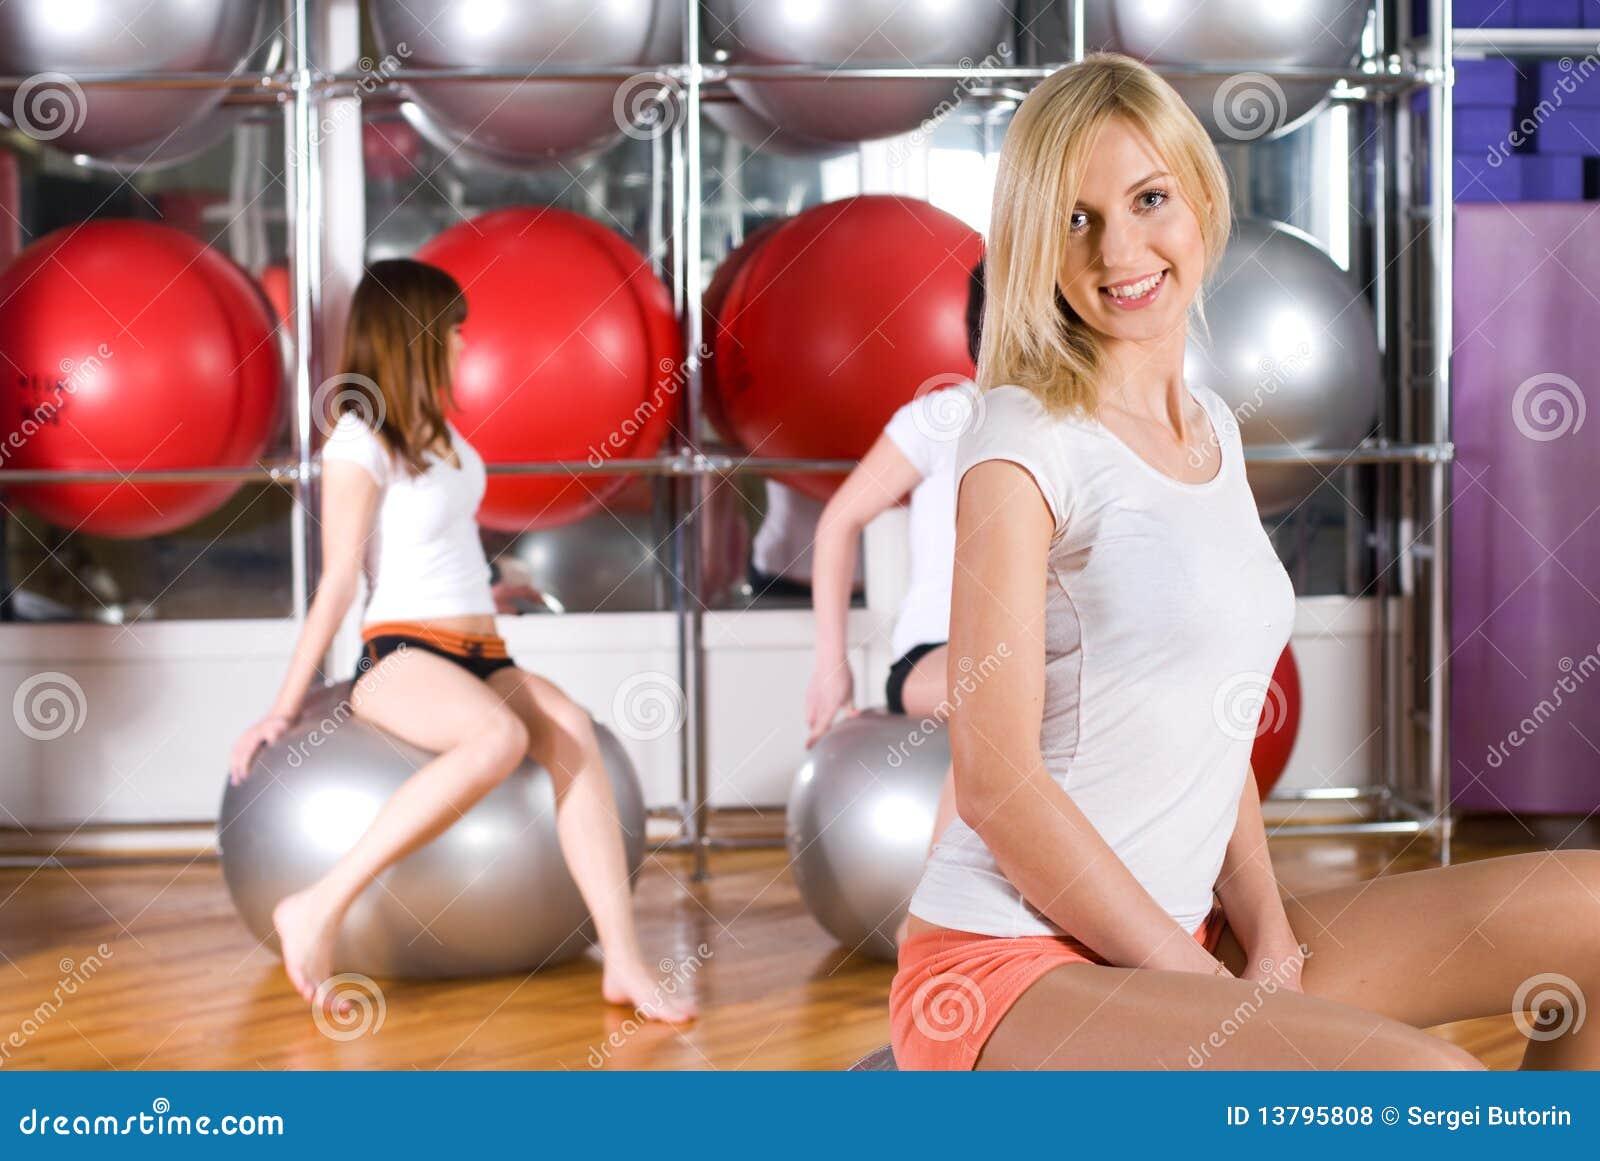 Русская девушка пришла заниматься фитнесом 4 фотография